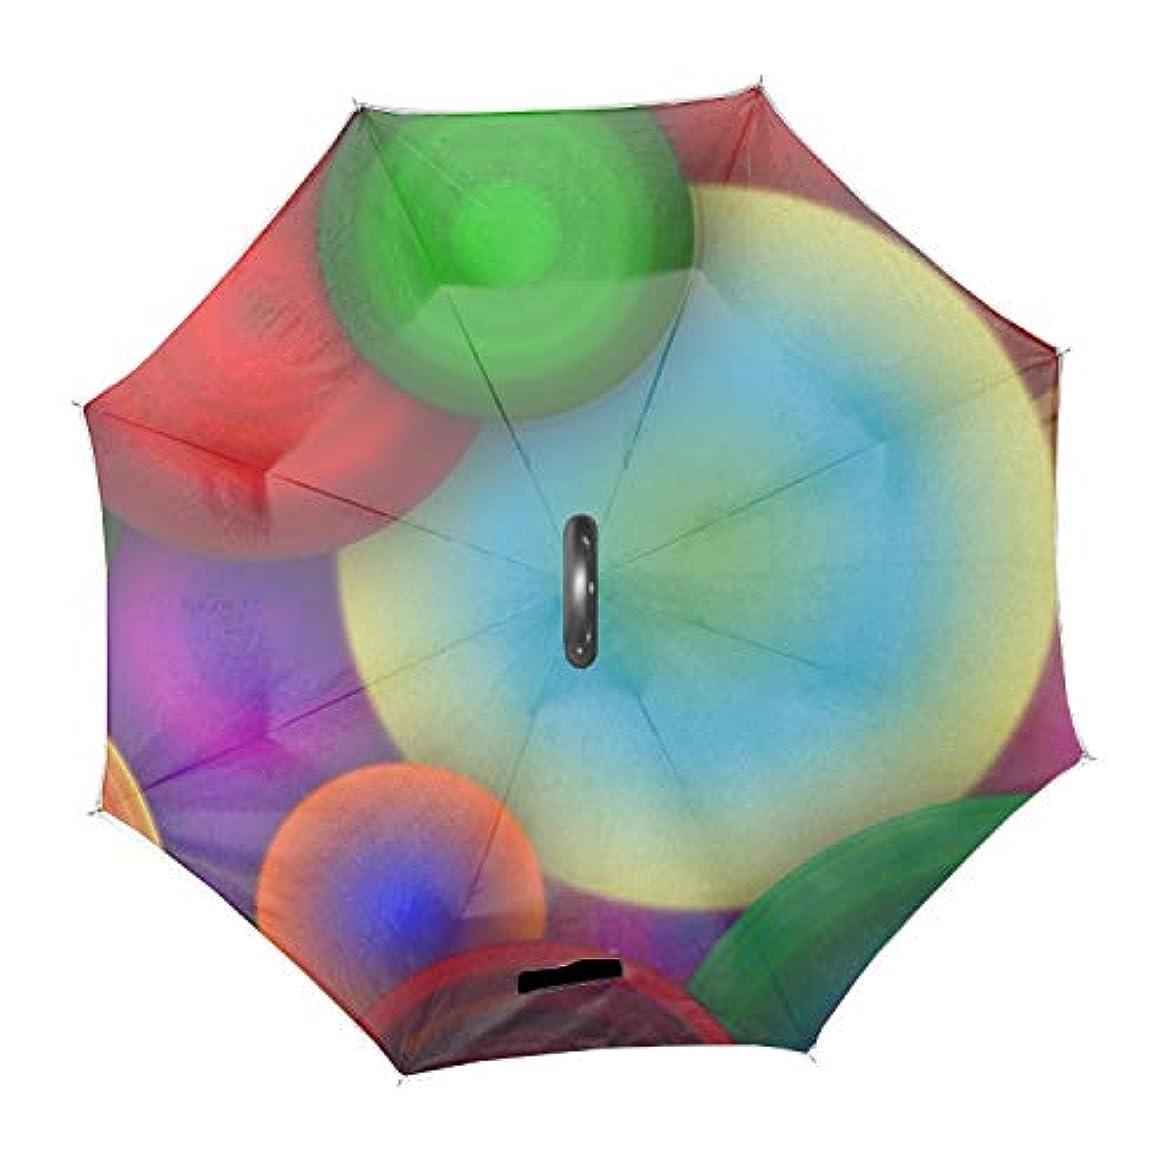 アルネ見積り地下反転傘 便利傘 長傘 逆傘抽象的なパターンアート 梅雨対応 風に強い 晴雨兼用 日傘 UVカット UPF50+ 8本骨 完全遮光 遮熱 耐風 C型傘